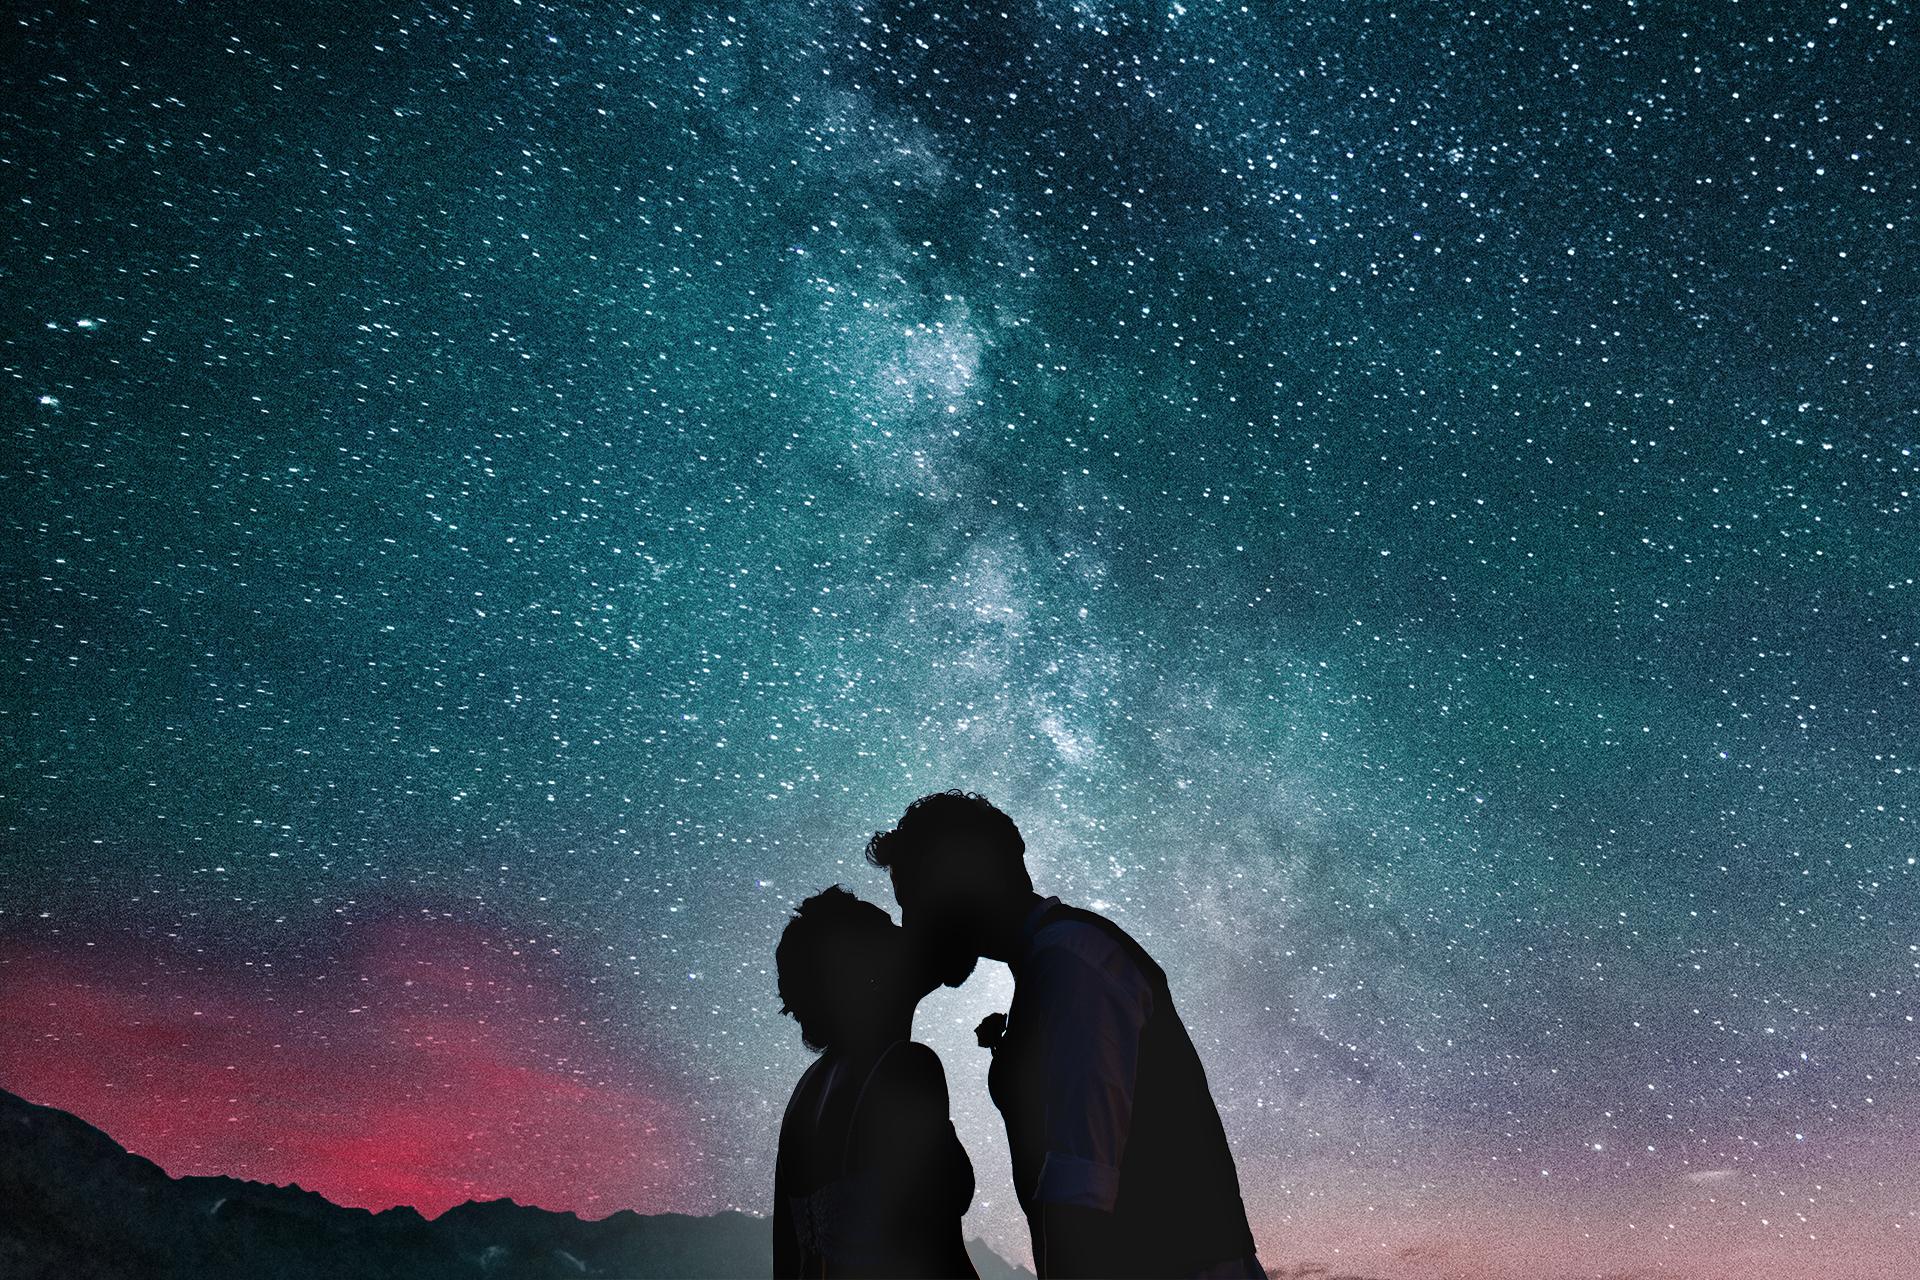 צילומי חתונה מיוחדים - תמונות חתונה אל מול הכוכבים, תמונות חתונה בשקיעה